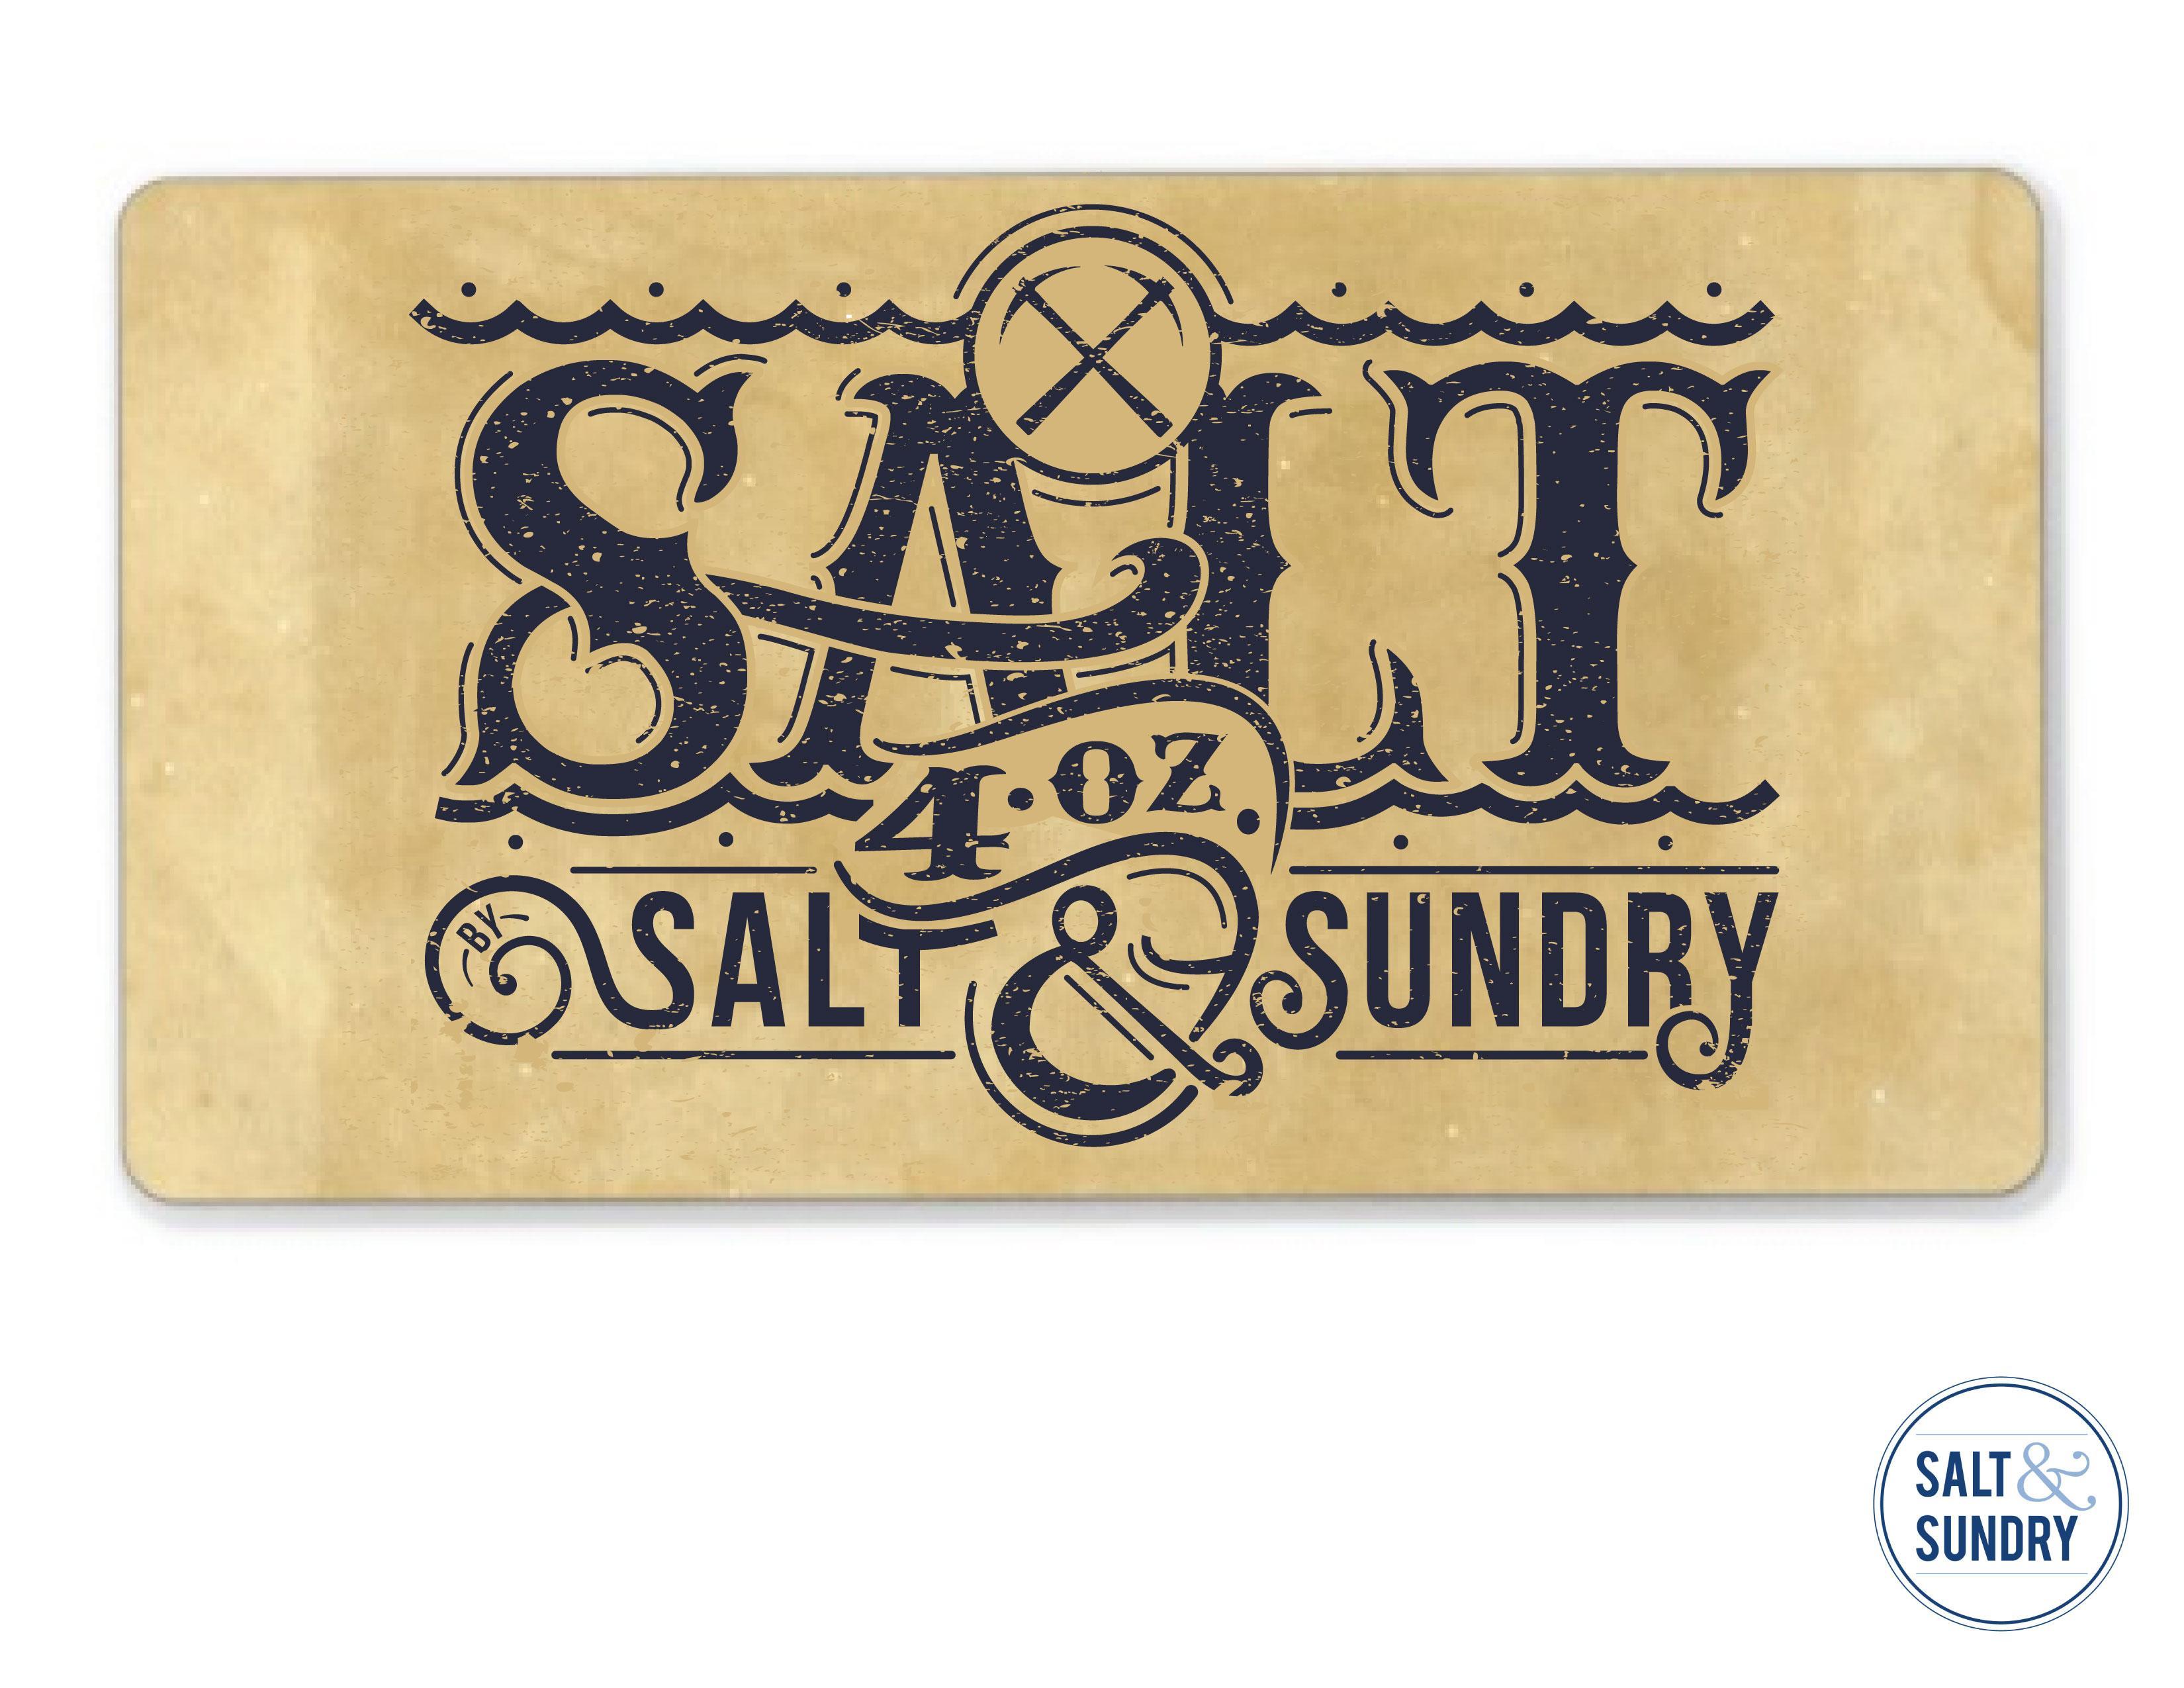 Salt Label - image 5 - student project